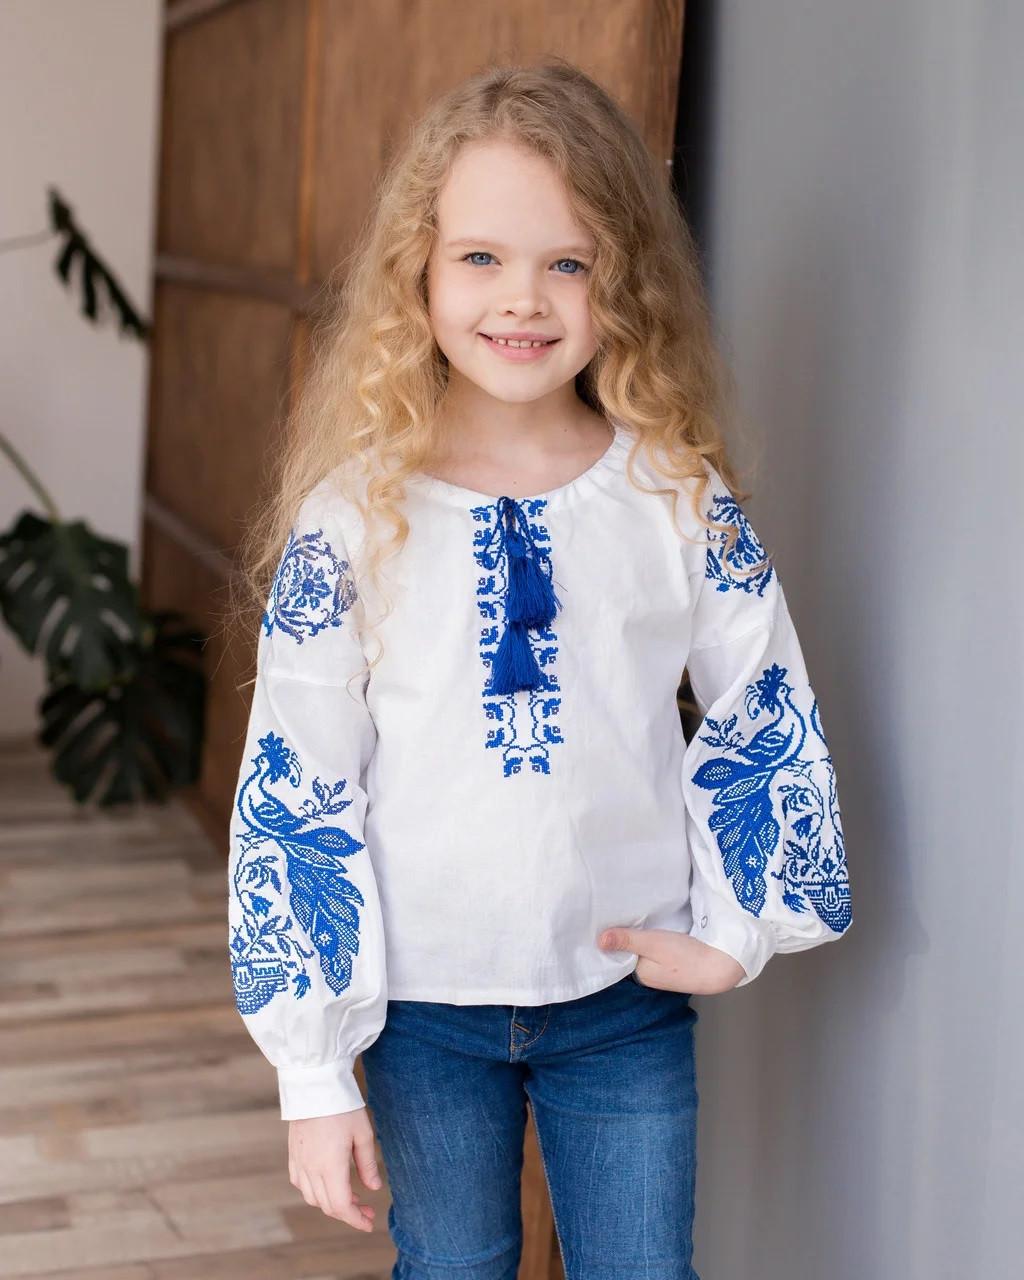 Вишита блузка для дівчинки з синім орнаментом Жар-птиця